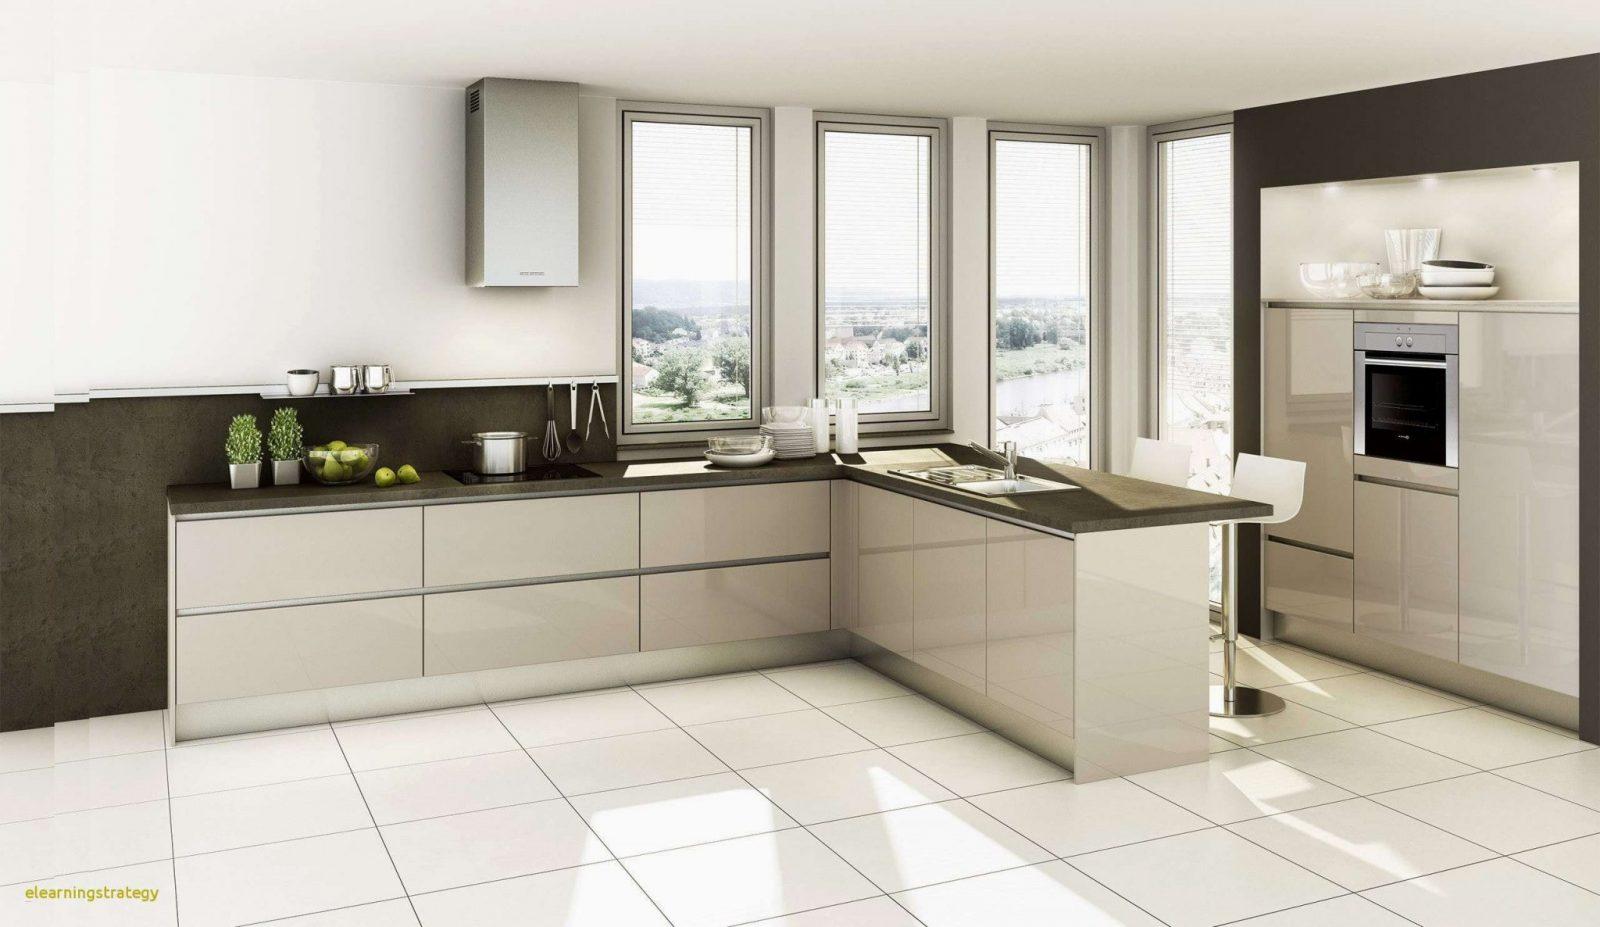 45 Luxus Deko Ideen Küche Galerie  Vervollständigen Sie Die von Deko Ideen Küche Wand Photo